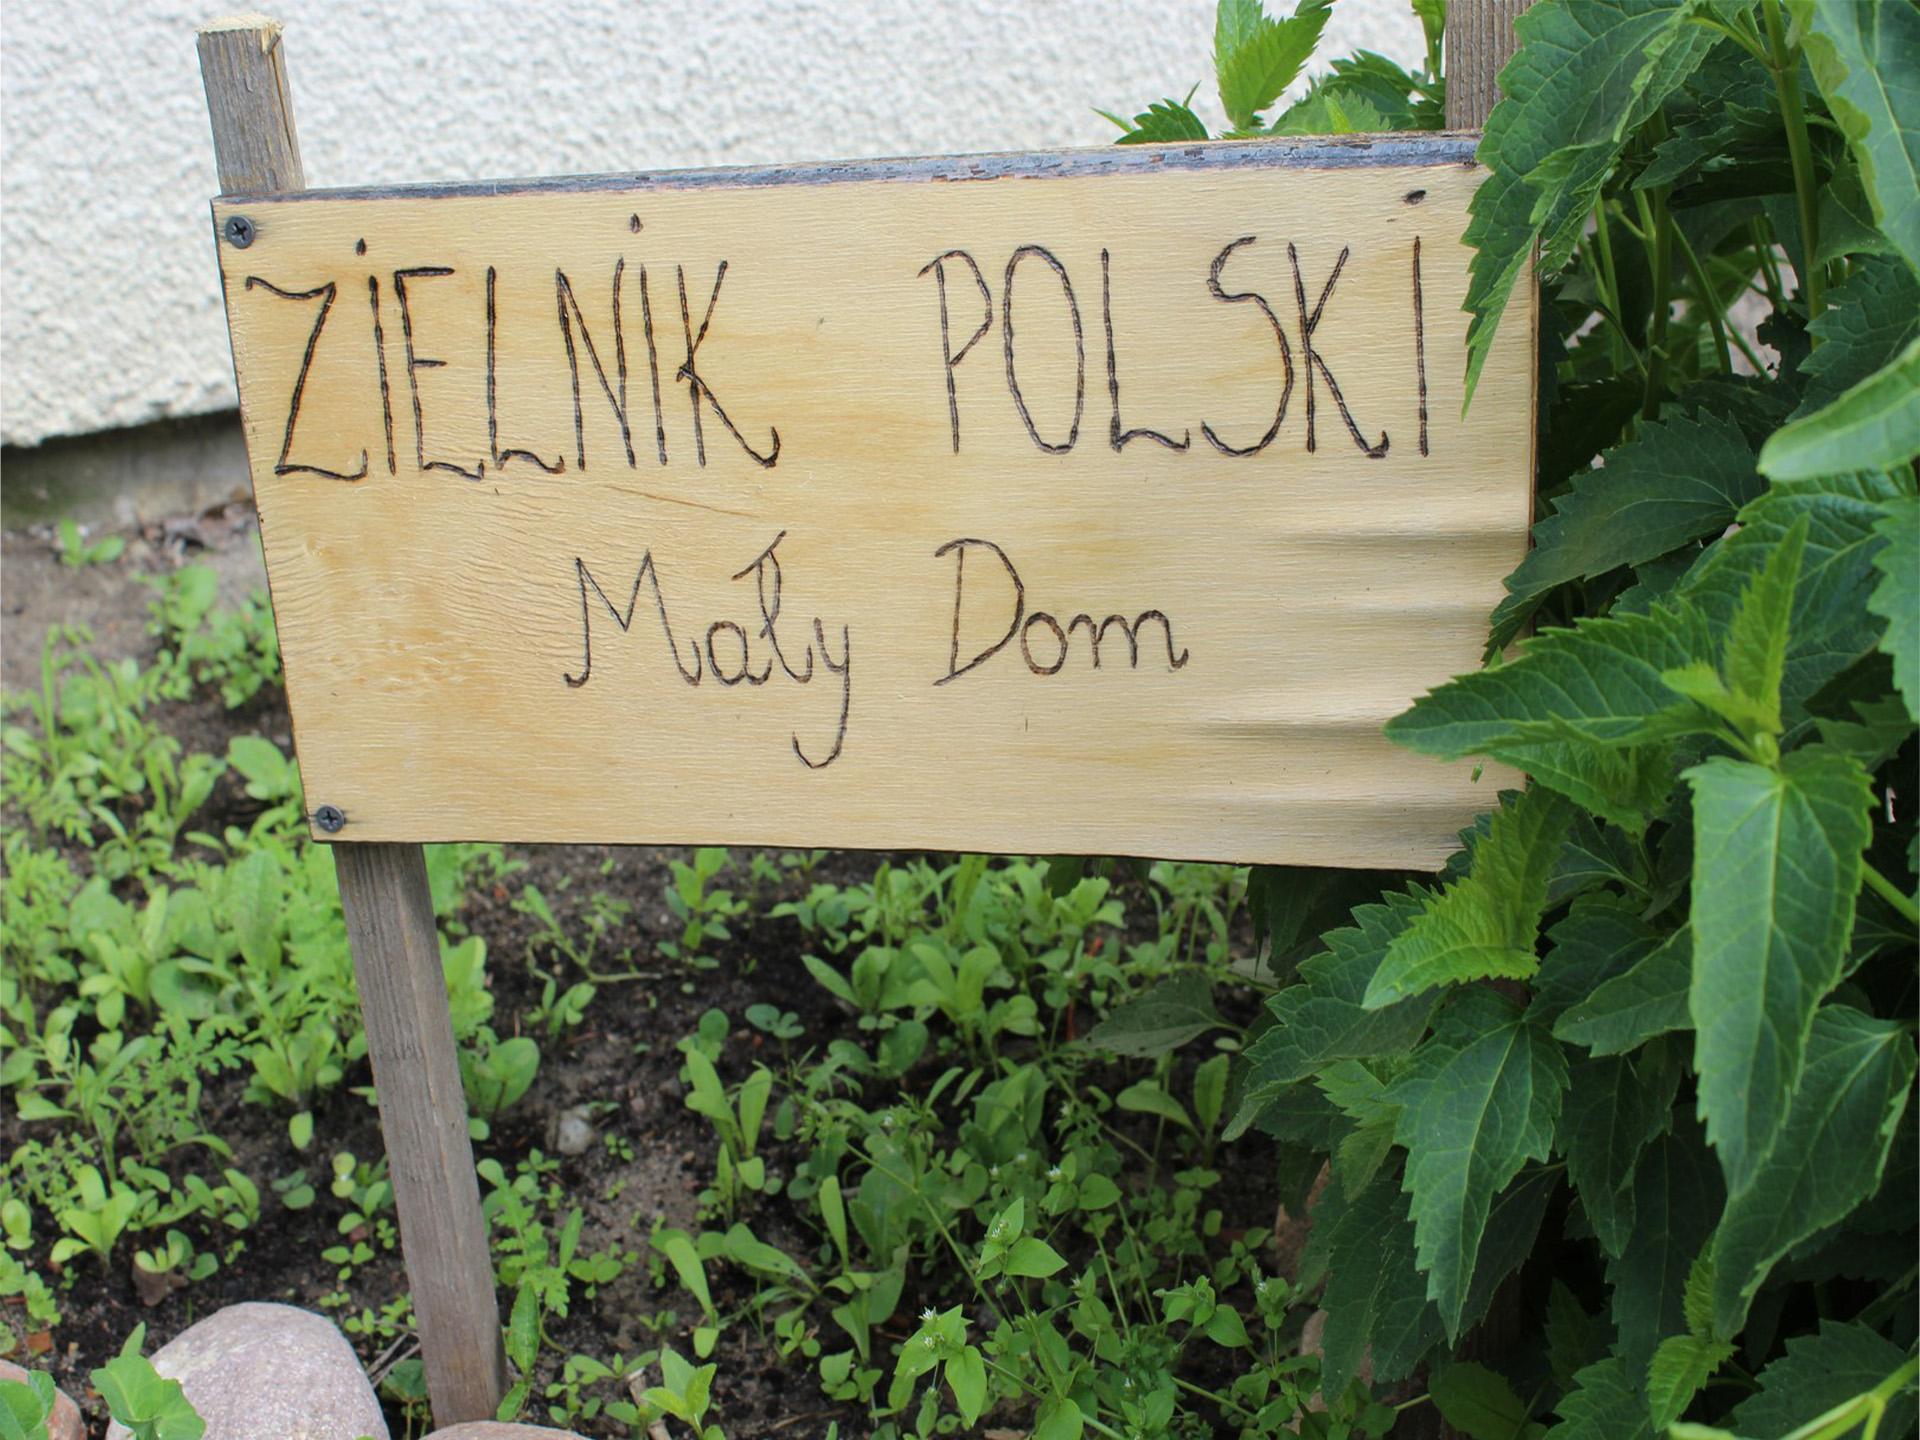 """Drewniana tablica z wypalonym napisem """"Zielnik Polski Mały Dom"""" z tyłu zielone zioła"""